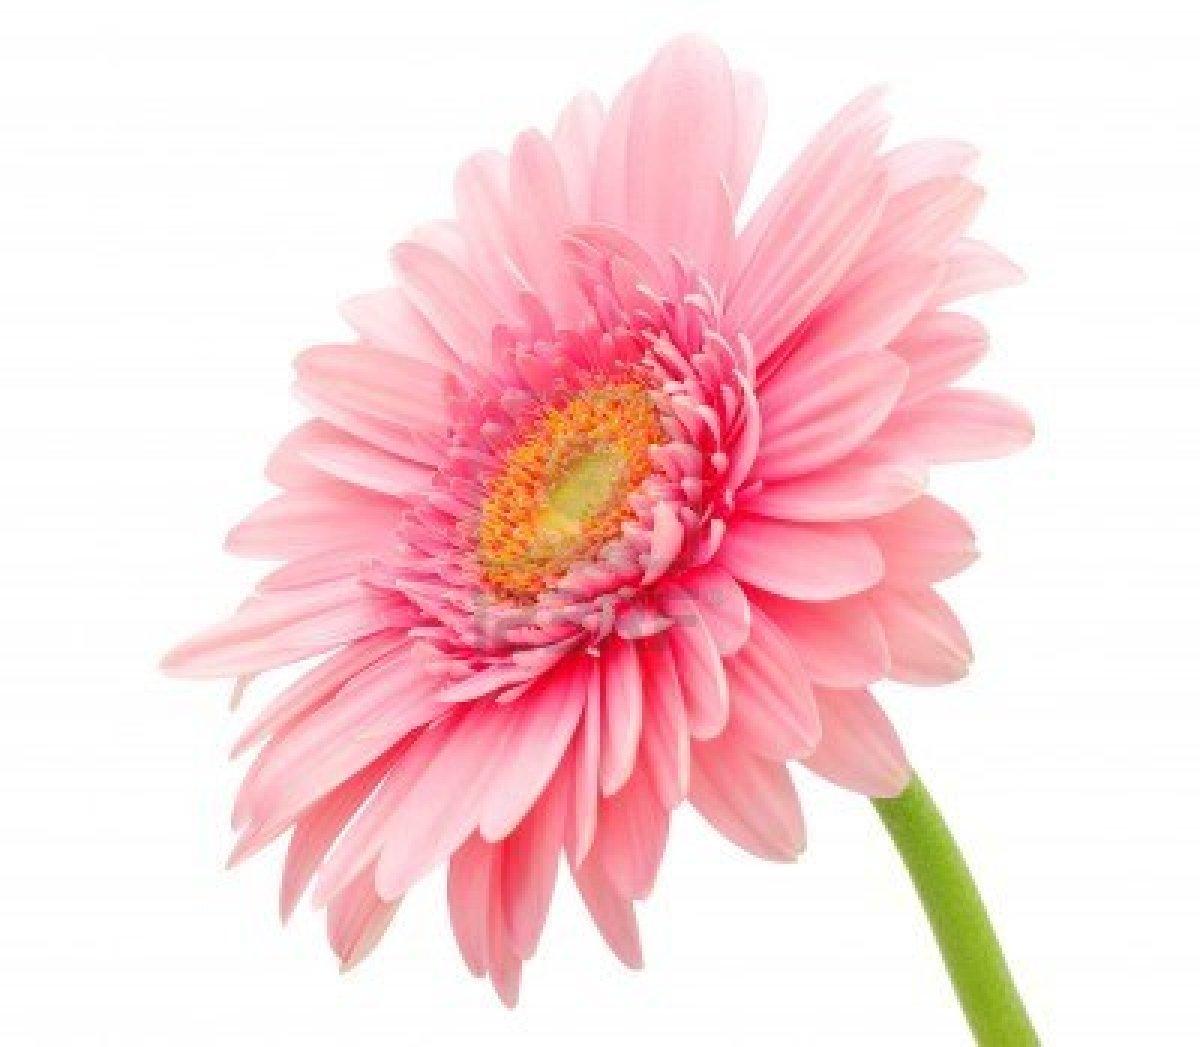 Gerbera and daisy flower wallpaper zone wallpaper - Gerber daisy wallpaper ...